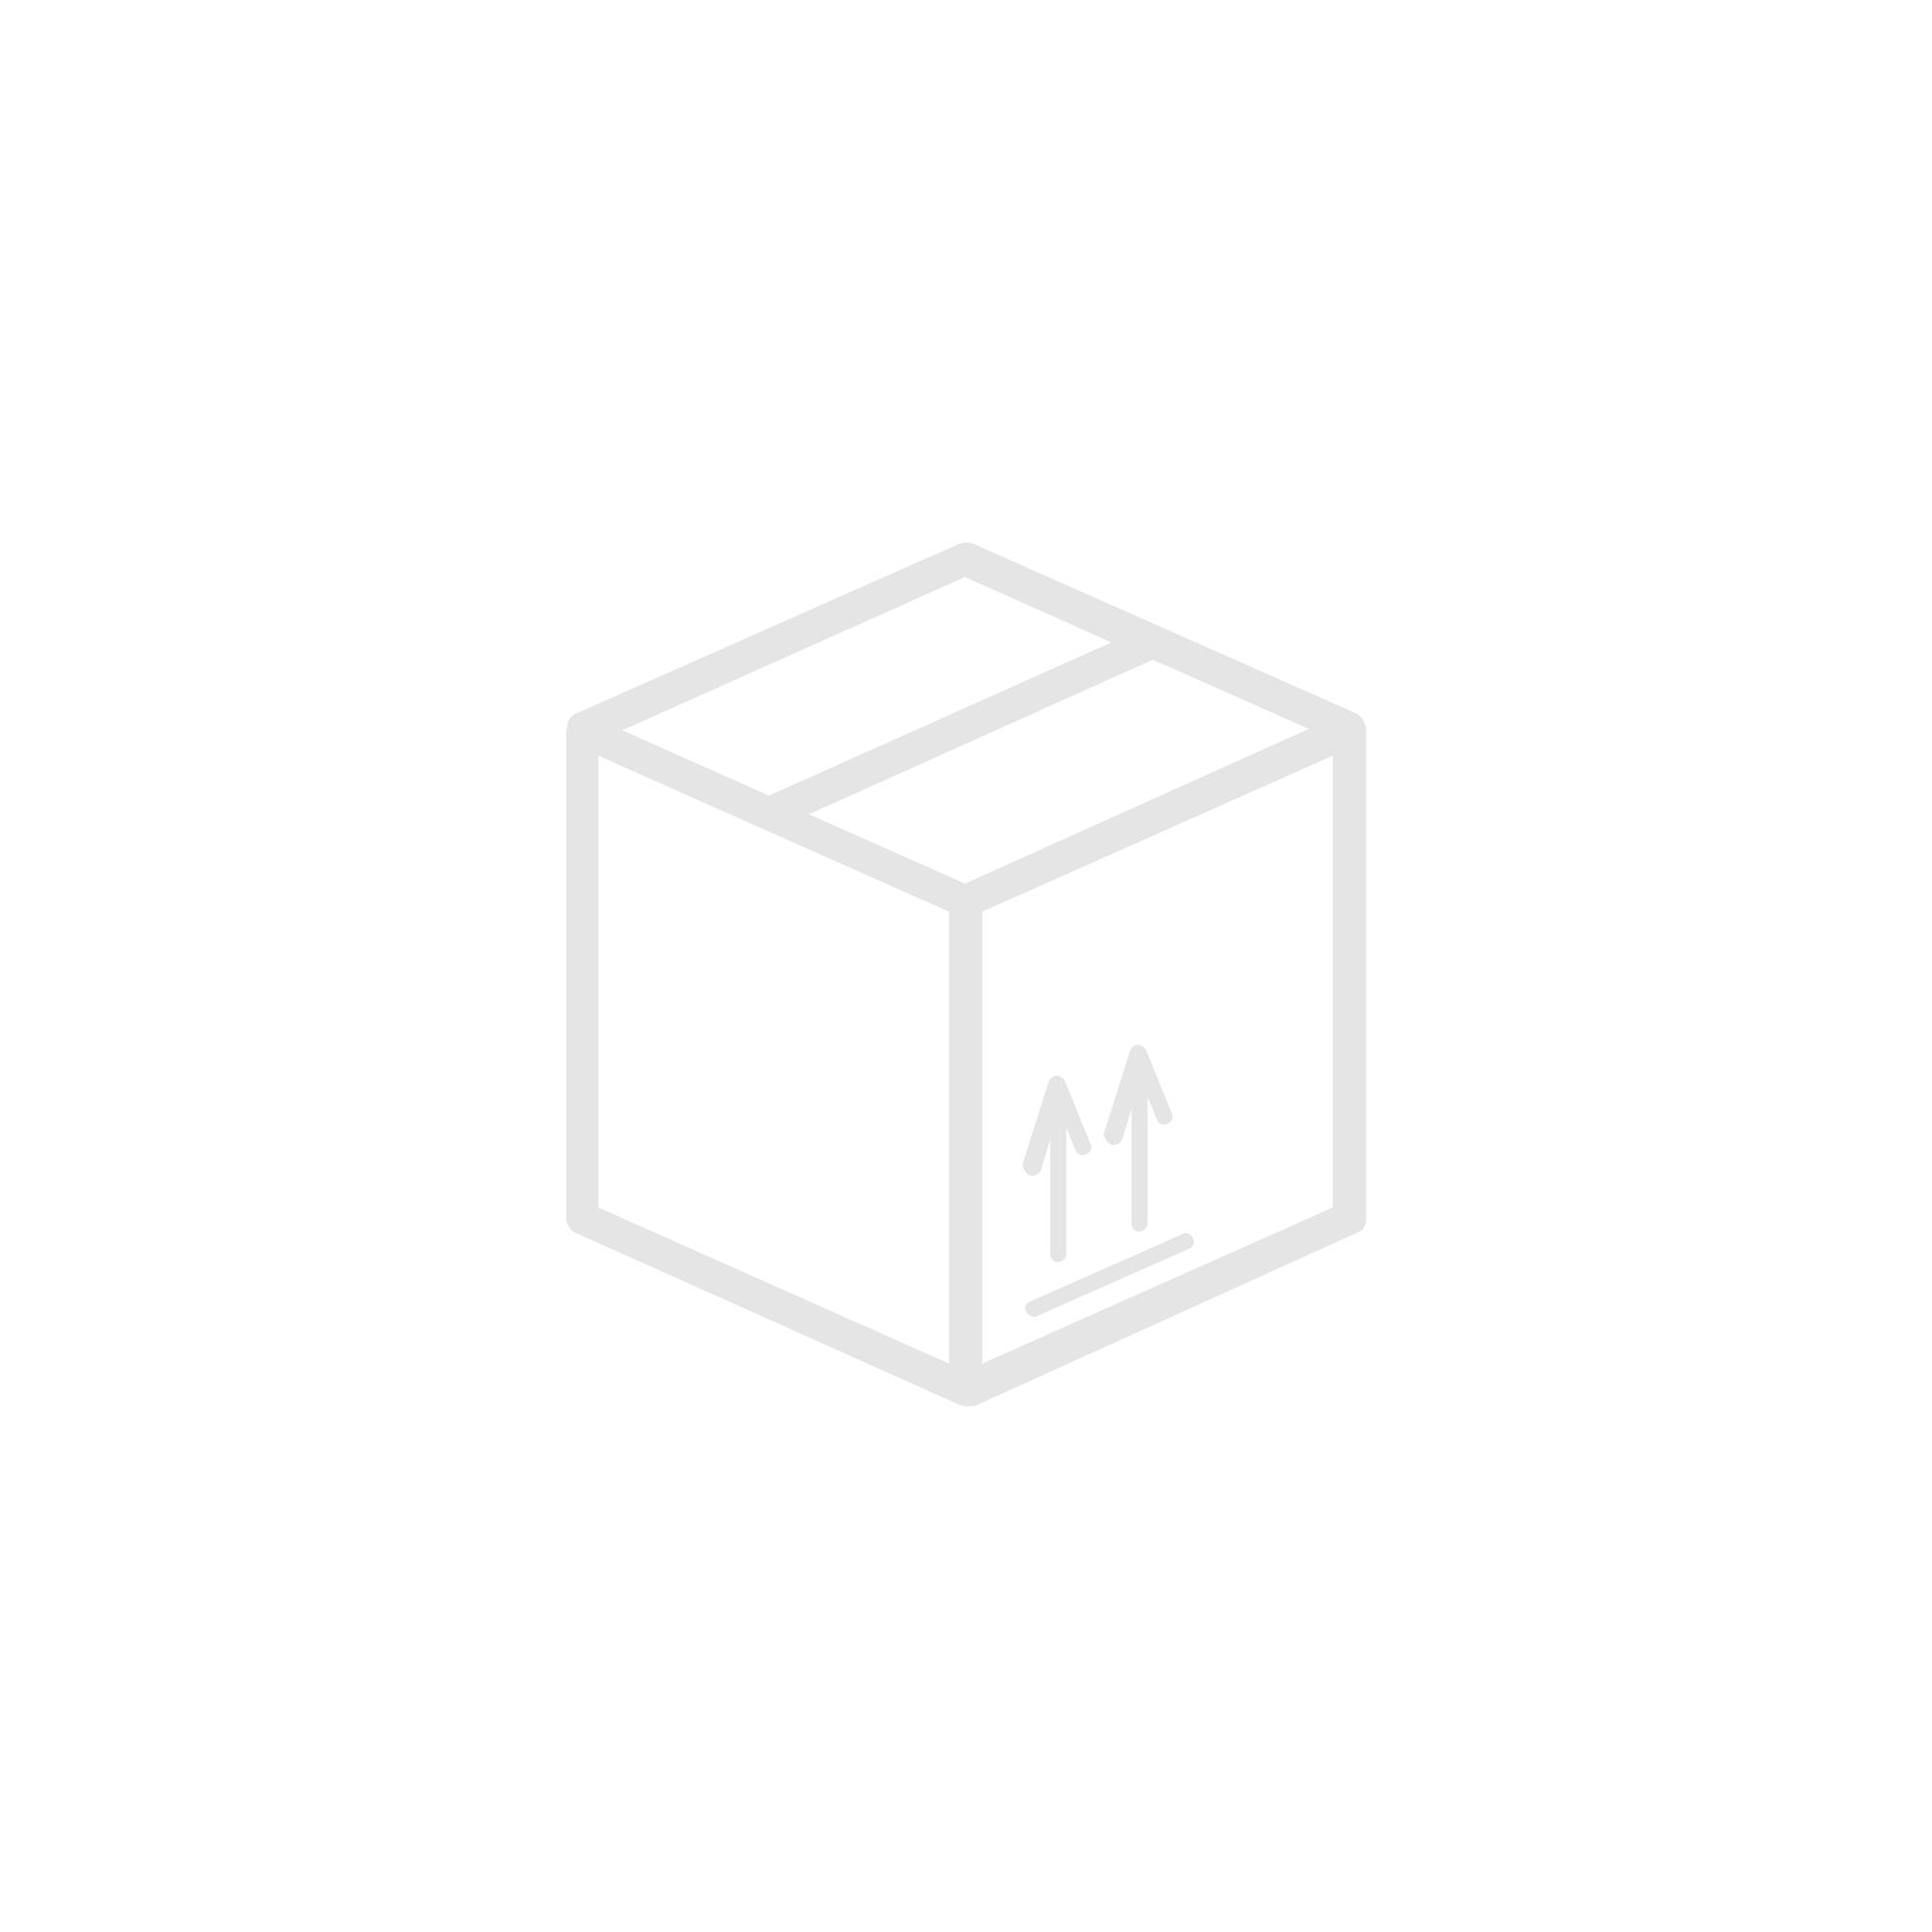 KOPOS Krabice KPR 68  přístrojová hluboká, barva šedá